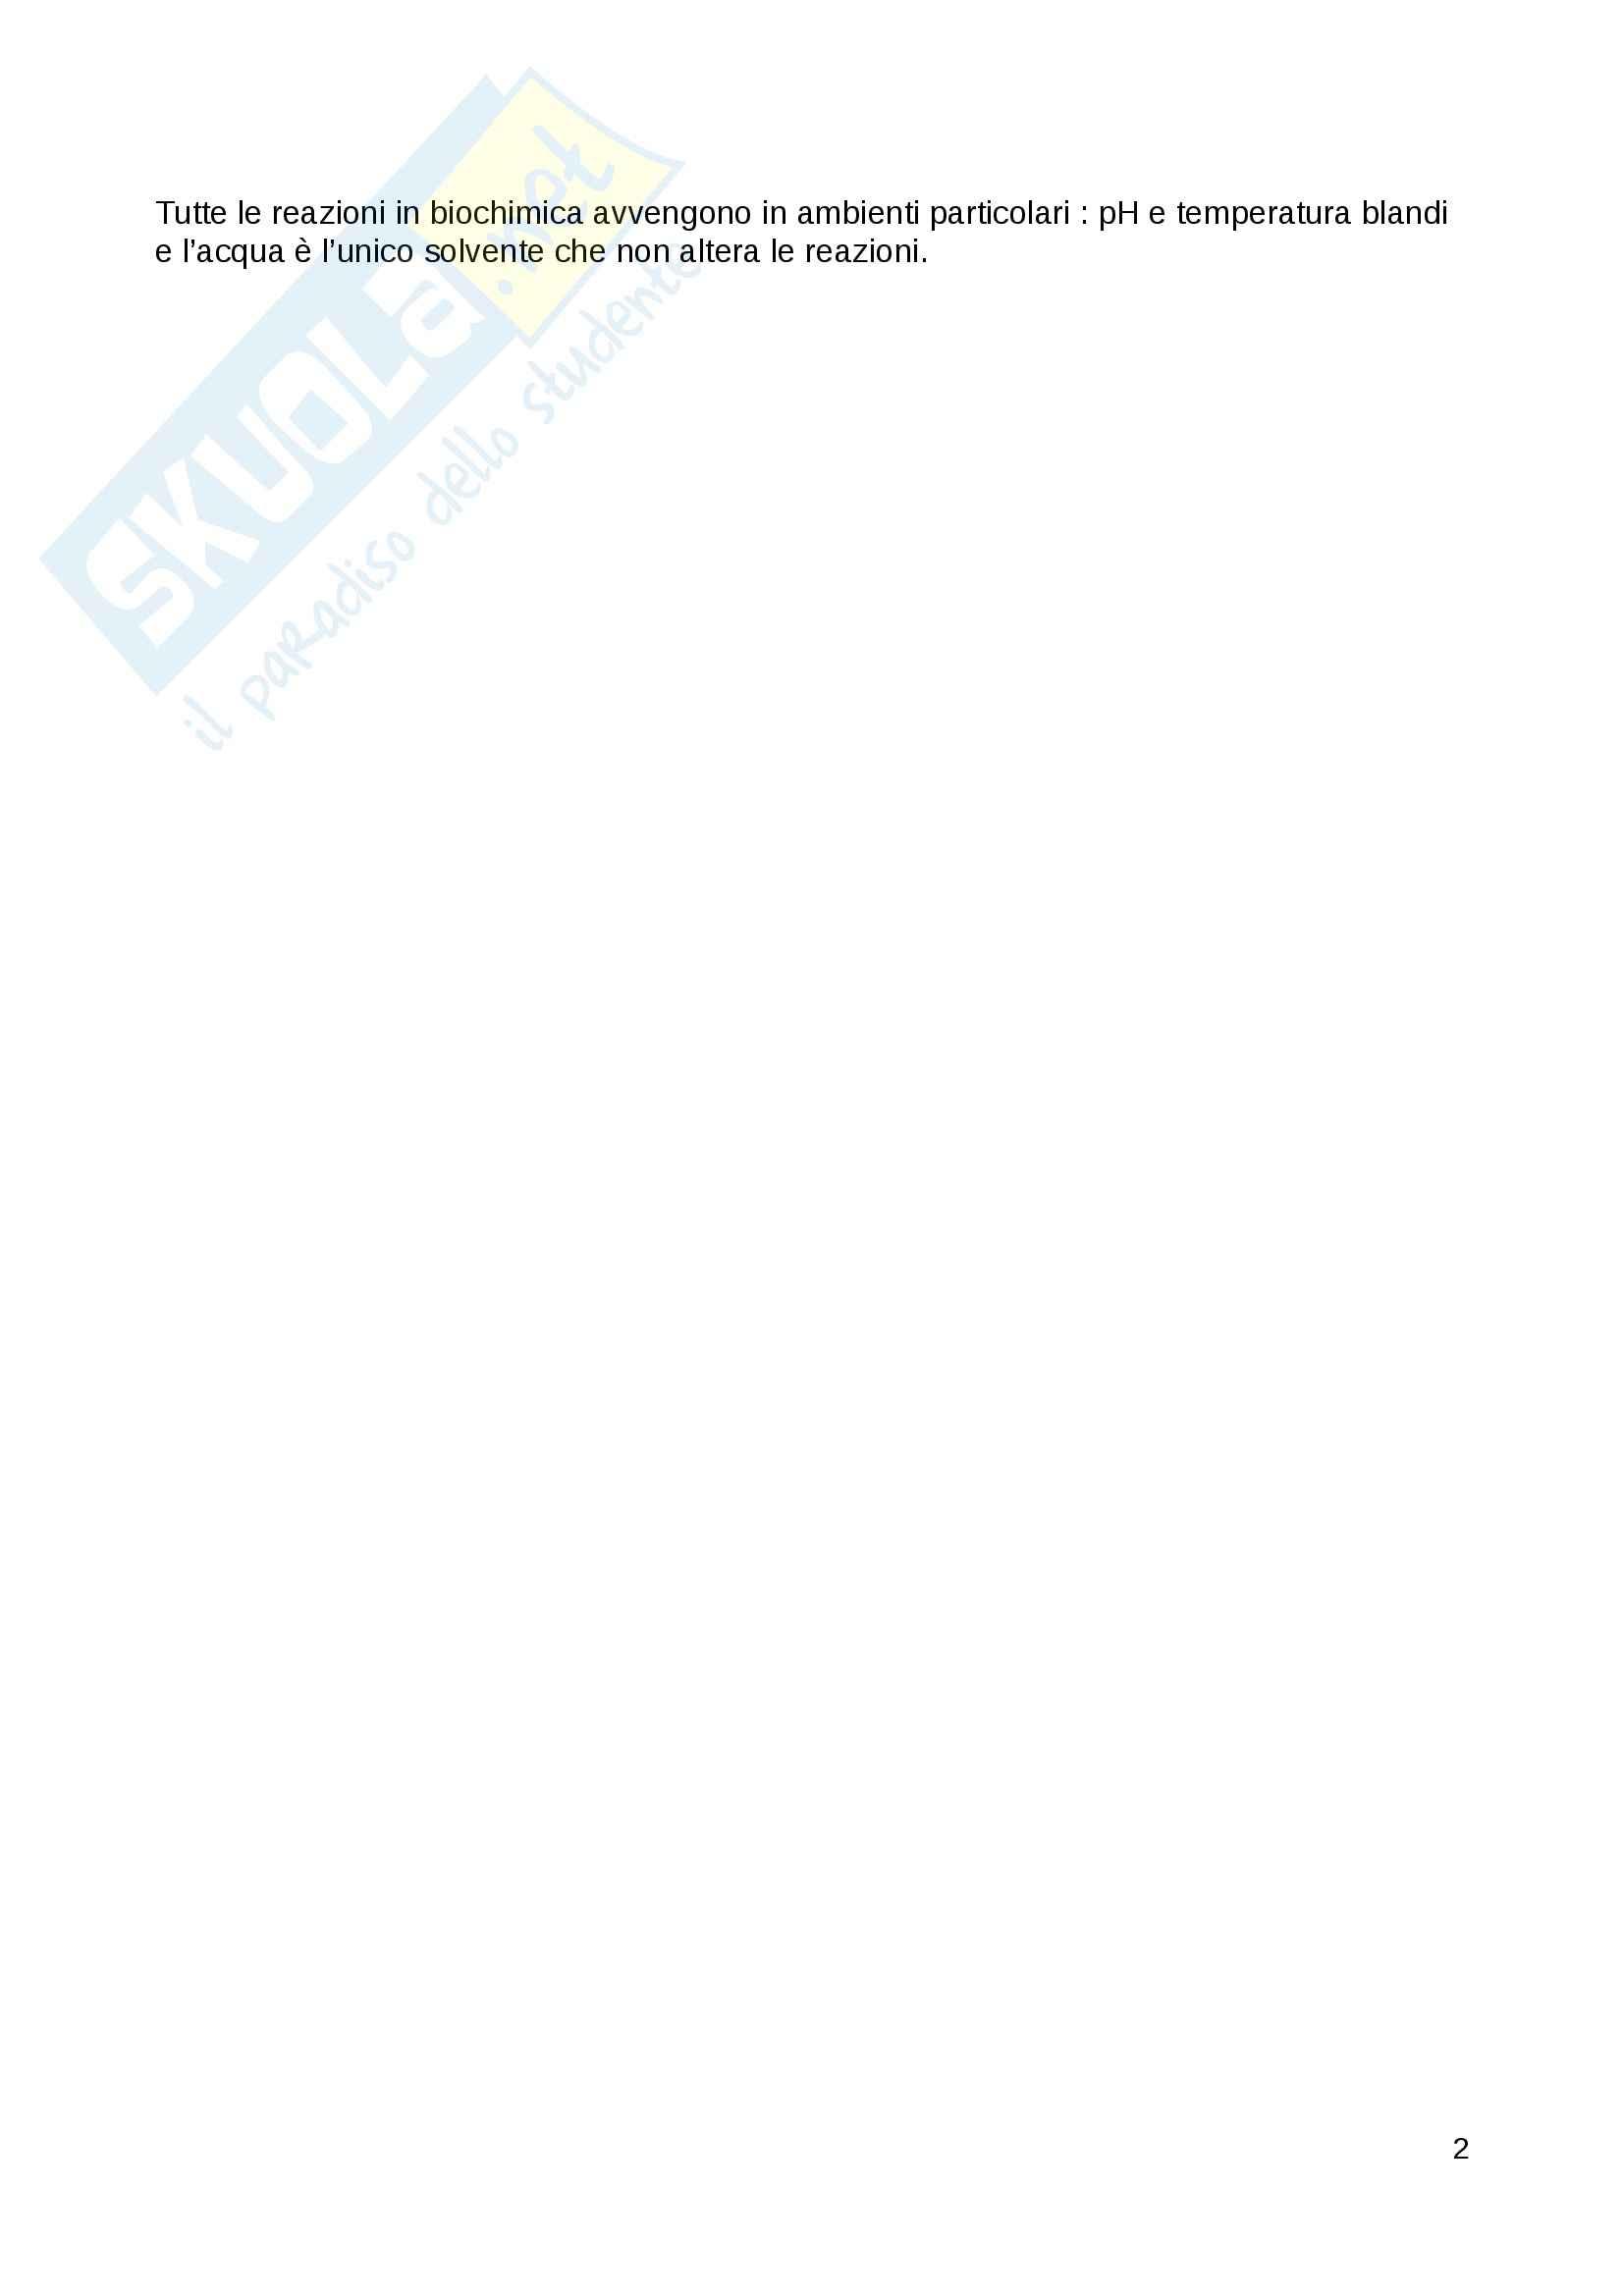 Biochimica generale - Appunti Pag. 2